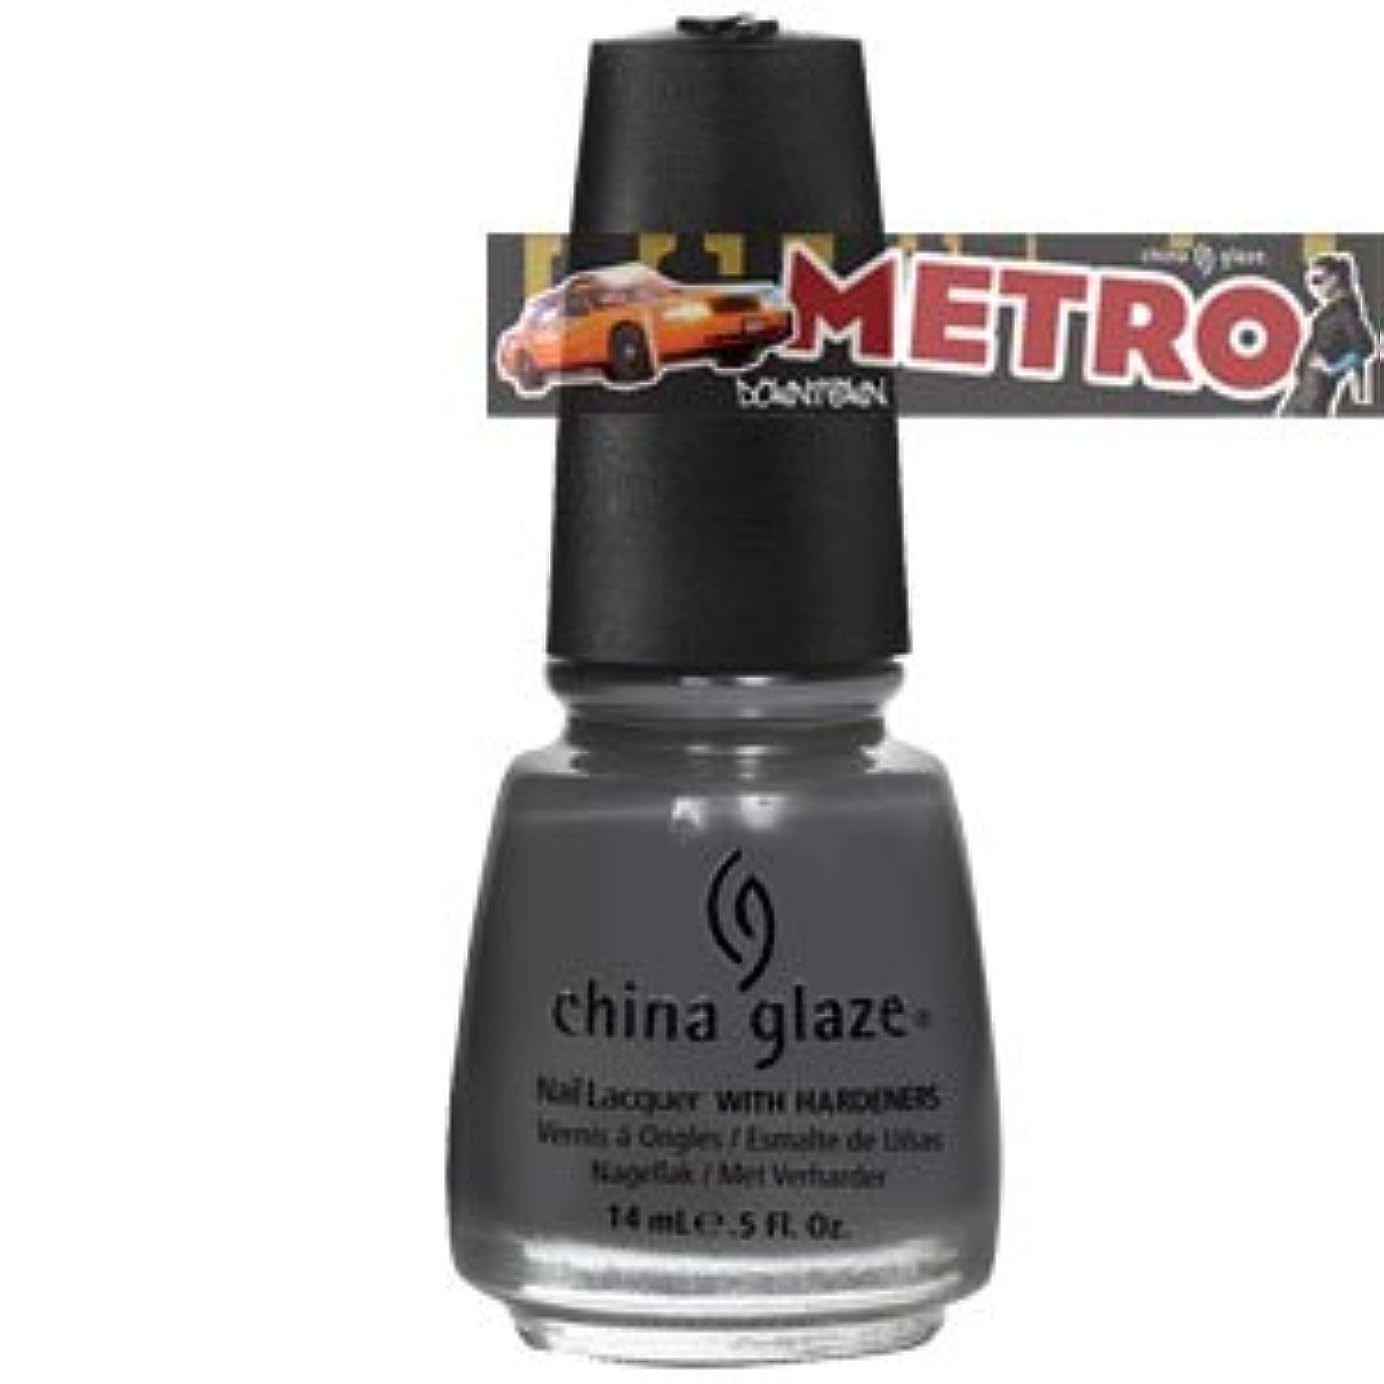 メディアリビジョンダメージ(チャイナグレイズ)China Glaze メトロコレクション? Concrete Catwalk [海外直送品][並行輸入品]